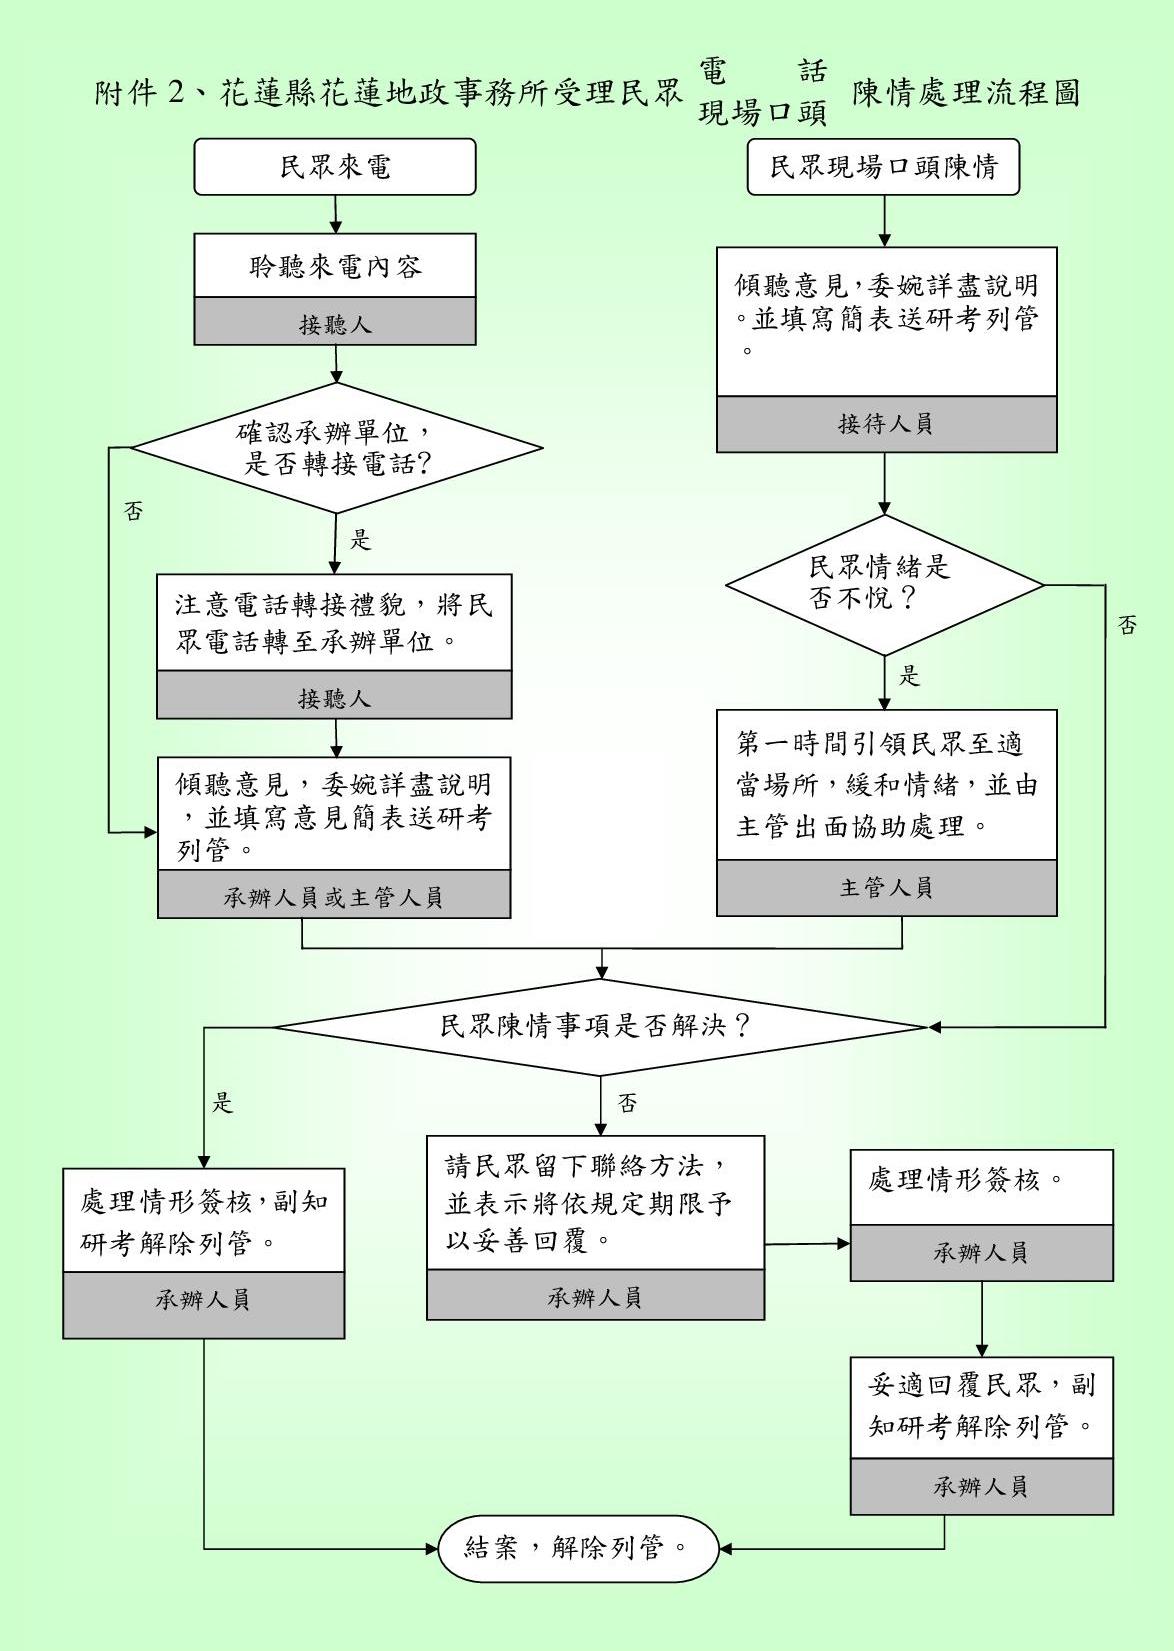 陳情案件處理標準作業流程圖(附件2)